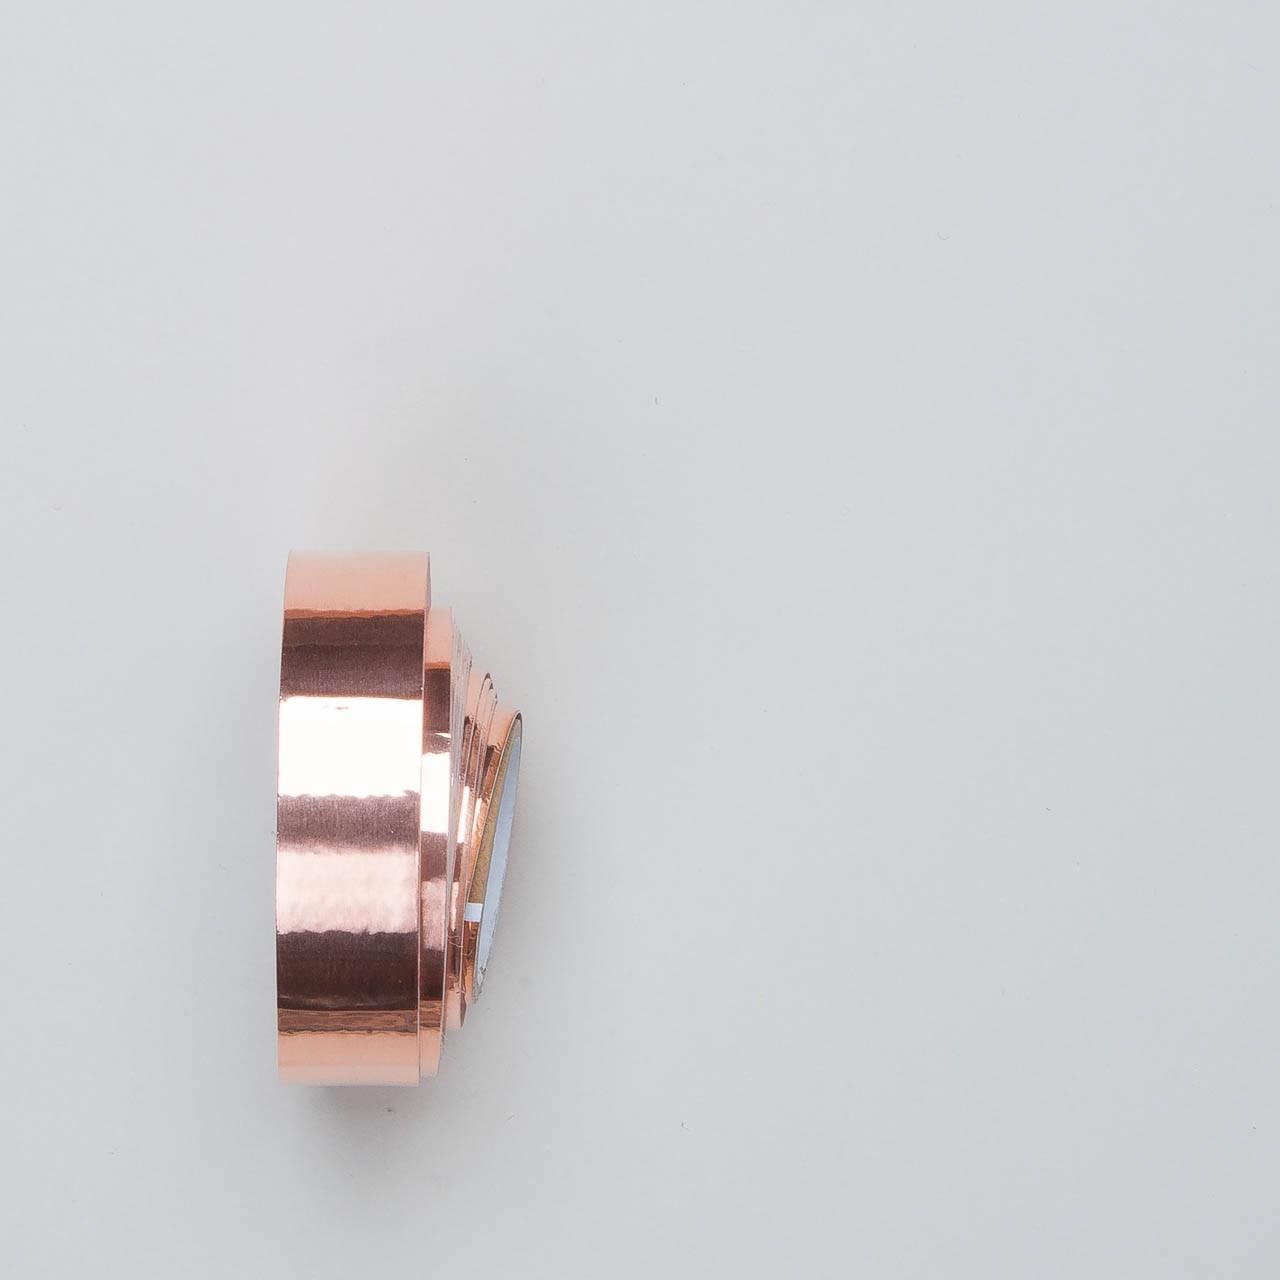 Kupfer-Klebeband